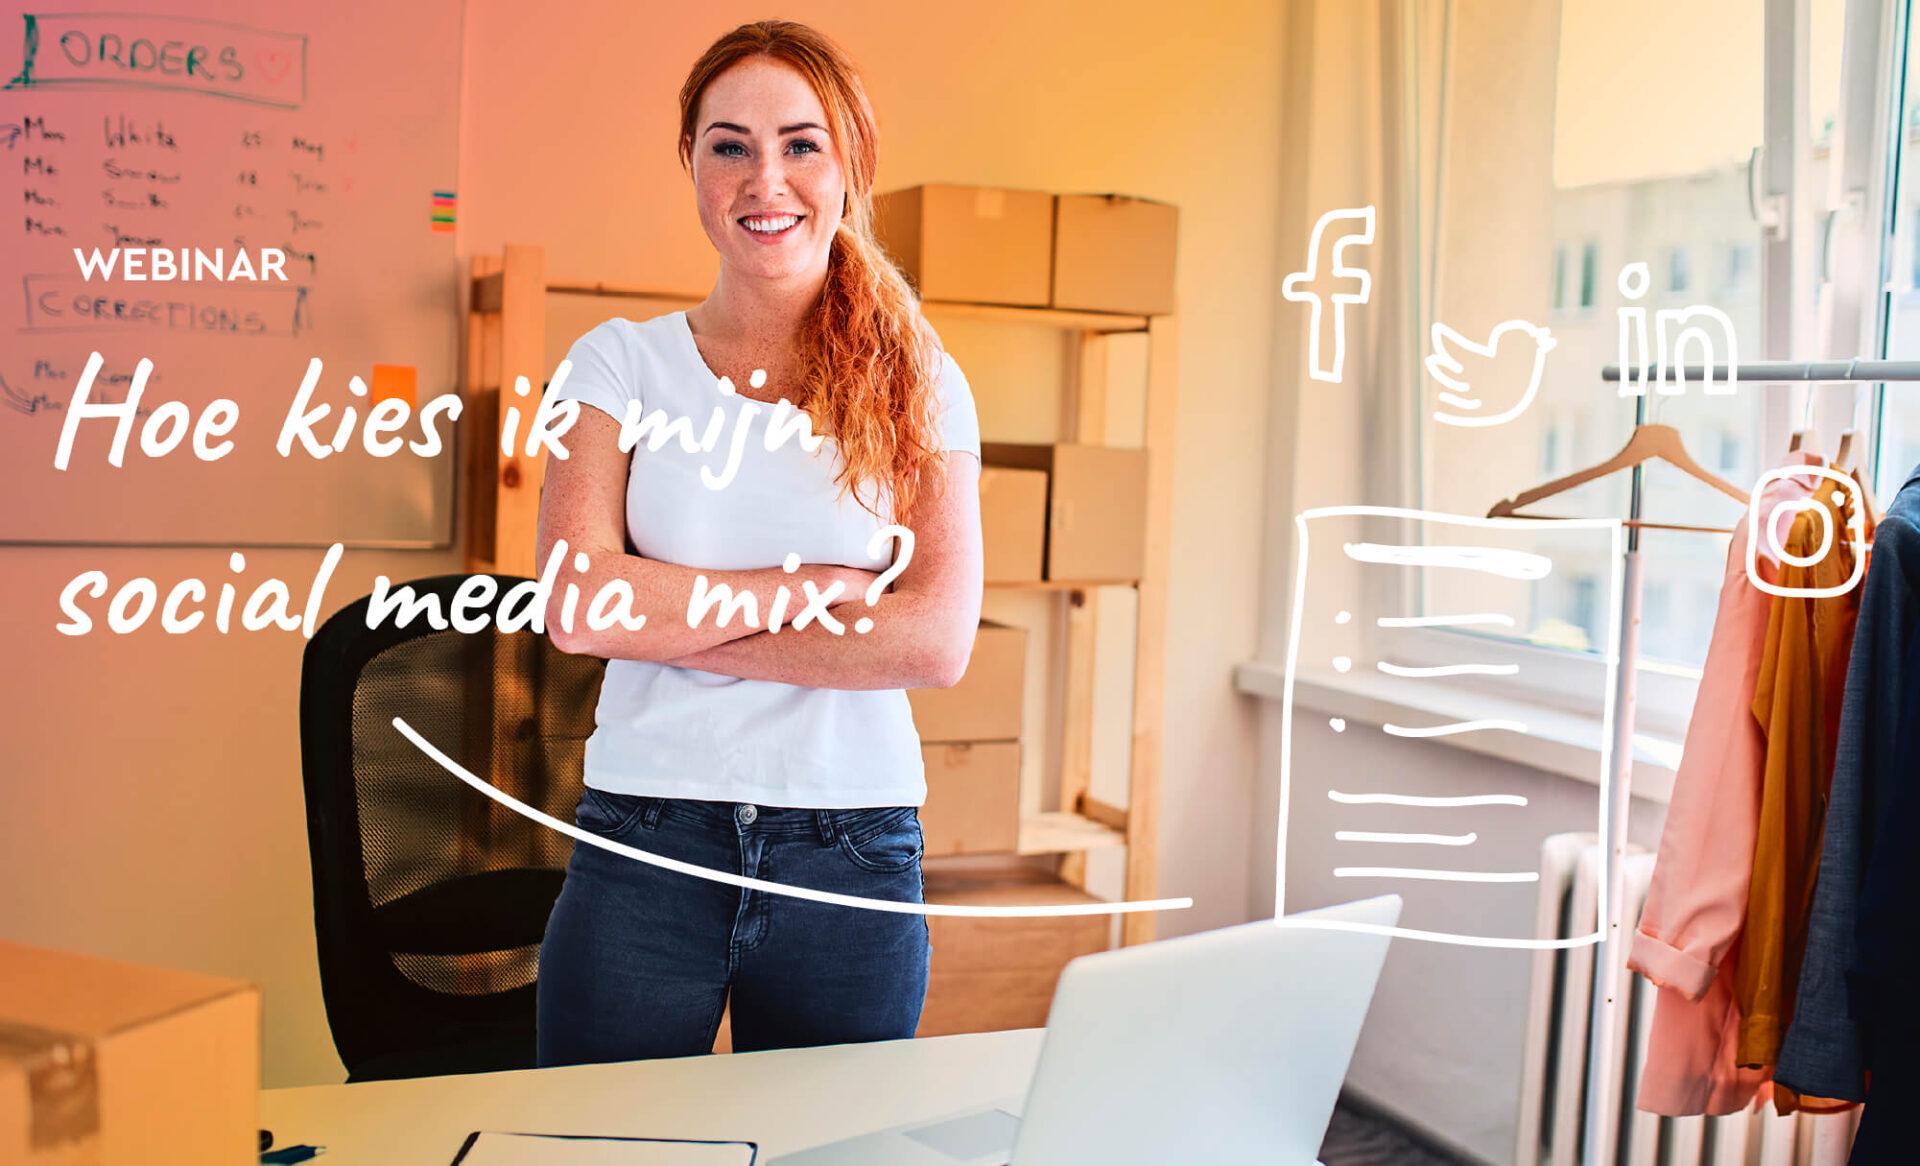 banner gratis webinar social media